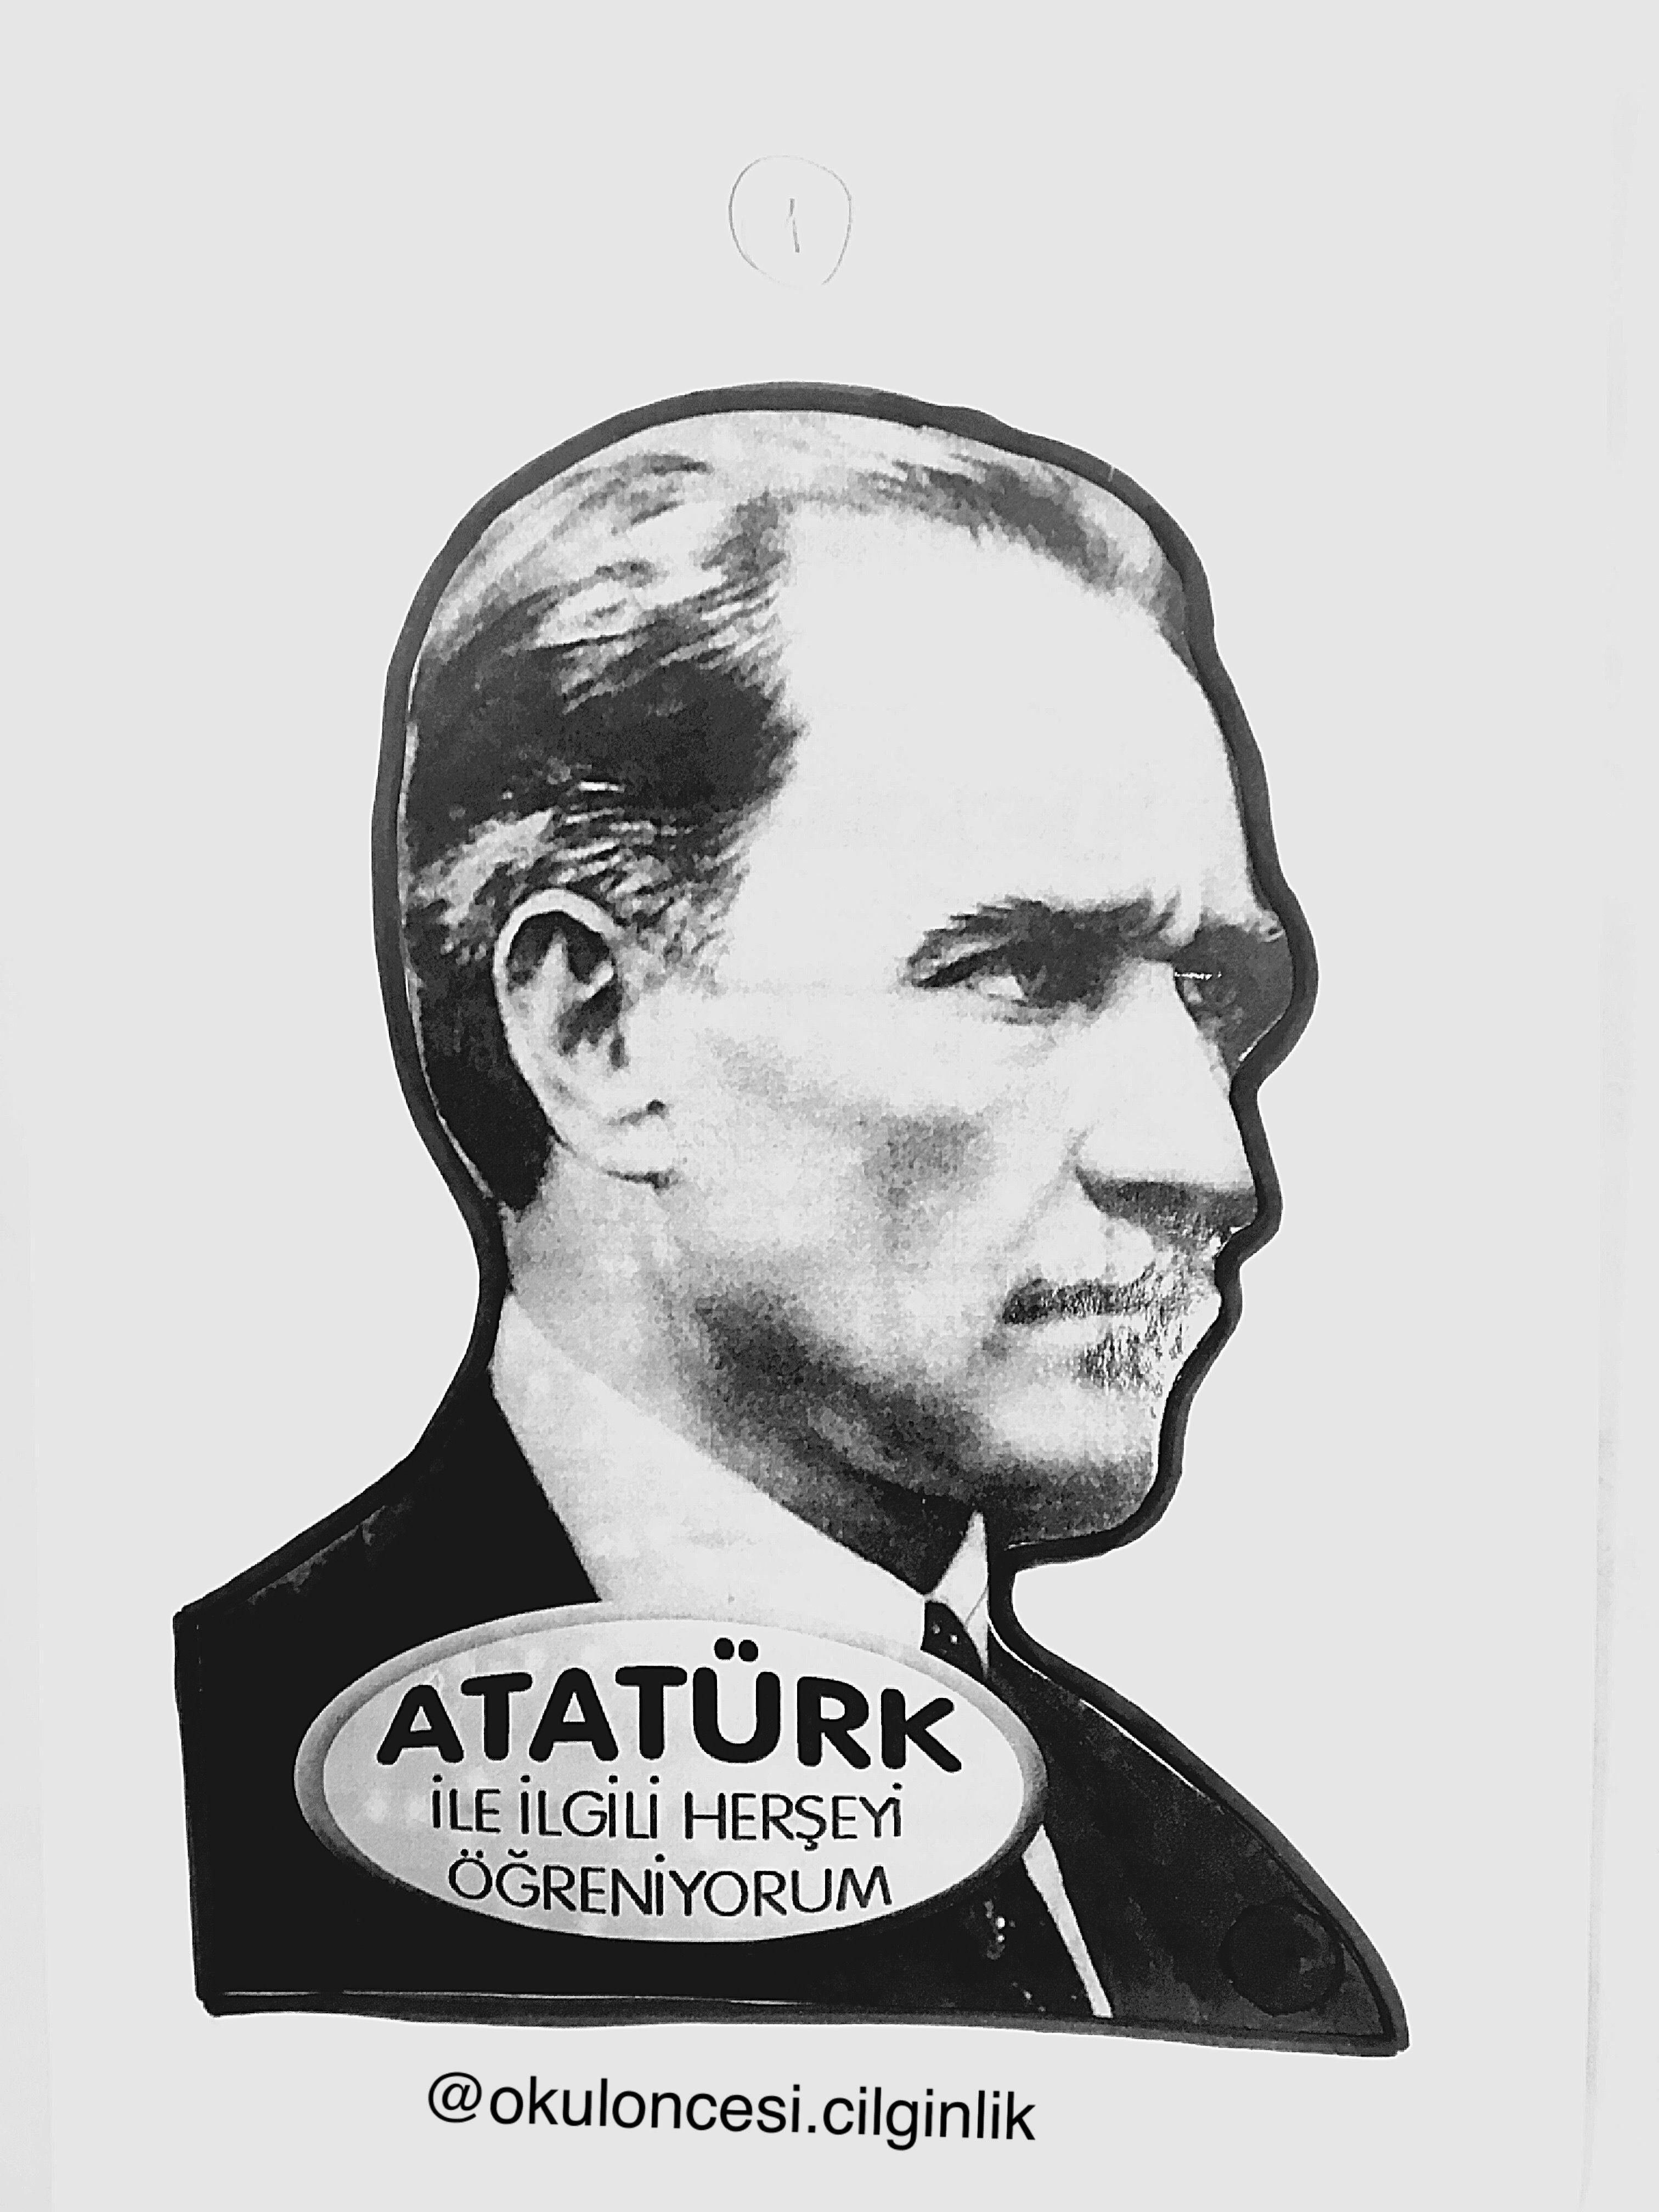 Ataturk Kitapcigi Kalip 1 Okuloncesi Cilginlik Basak Ogretmen Okul Oncesi Faaliyetler Okul